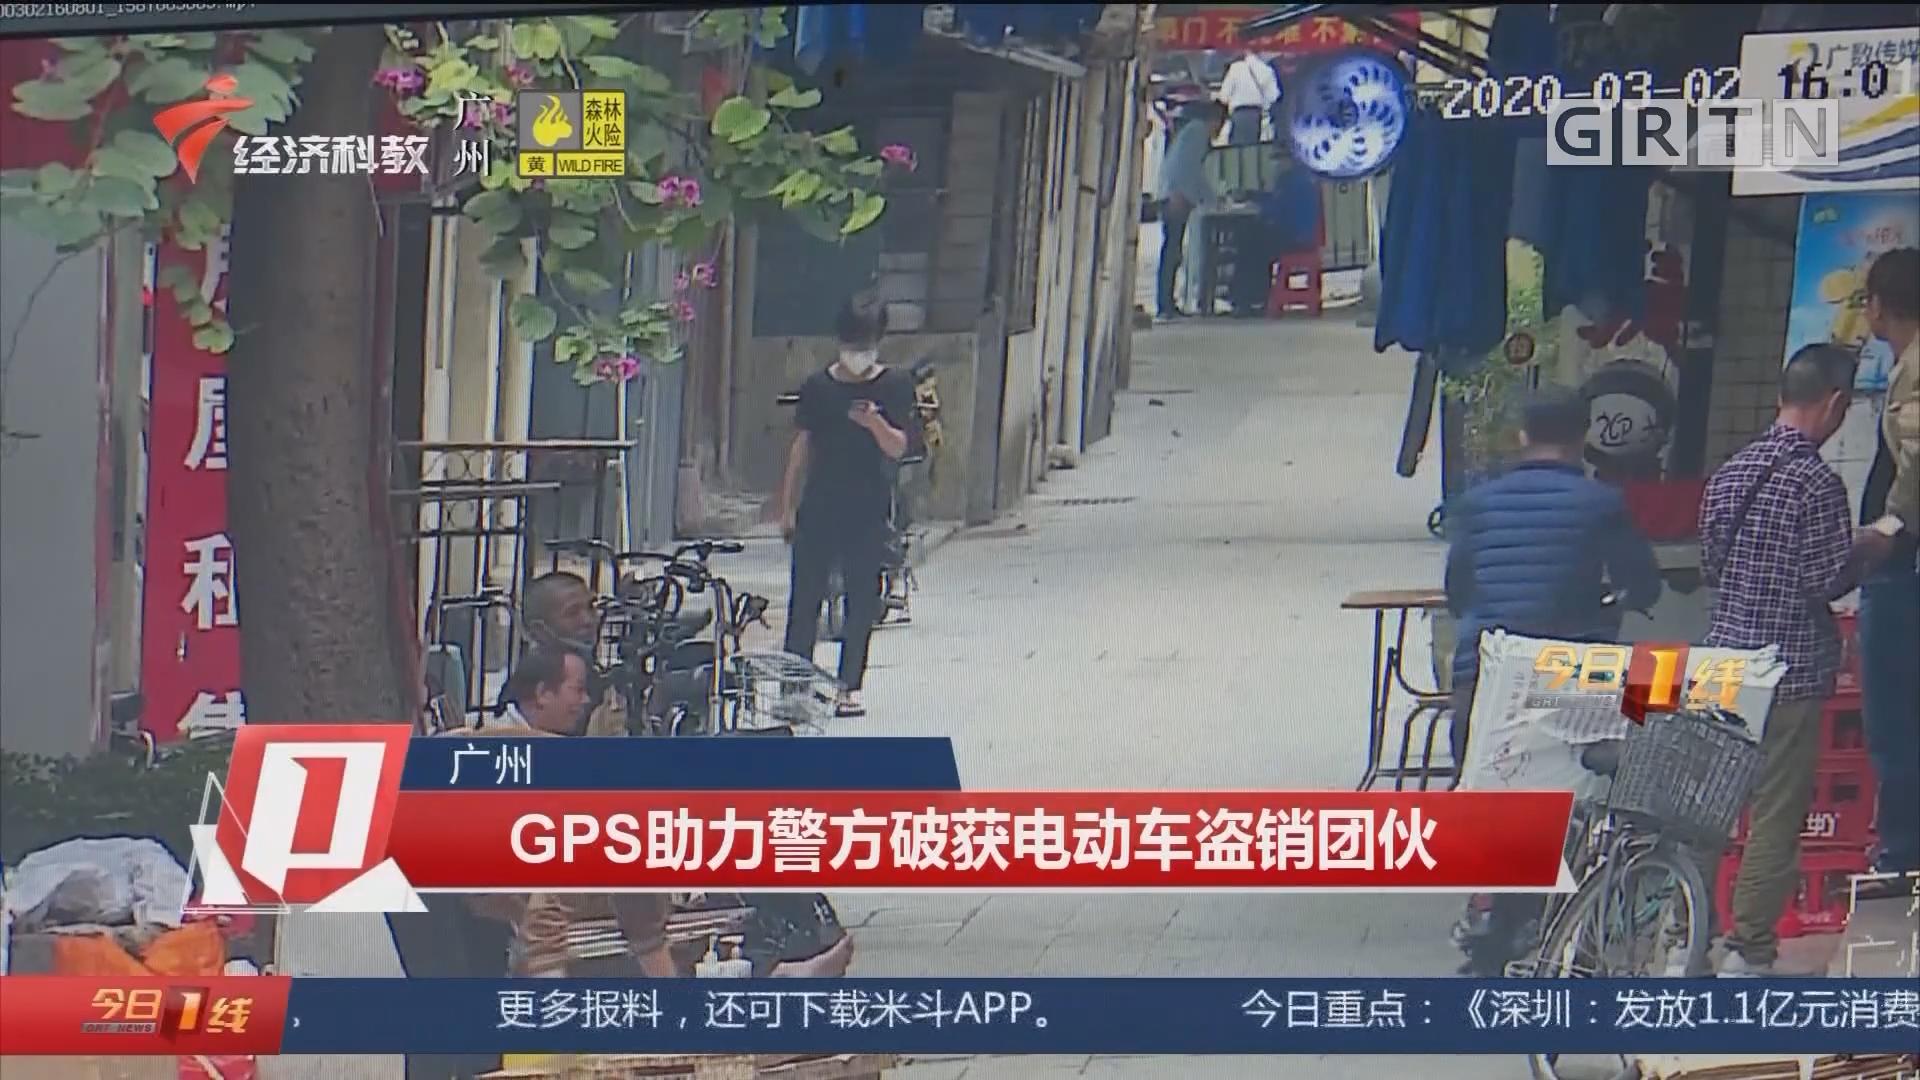 广州:GPS助力警方破获电动车盗销团伙